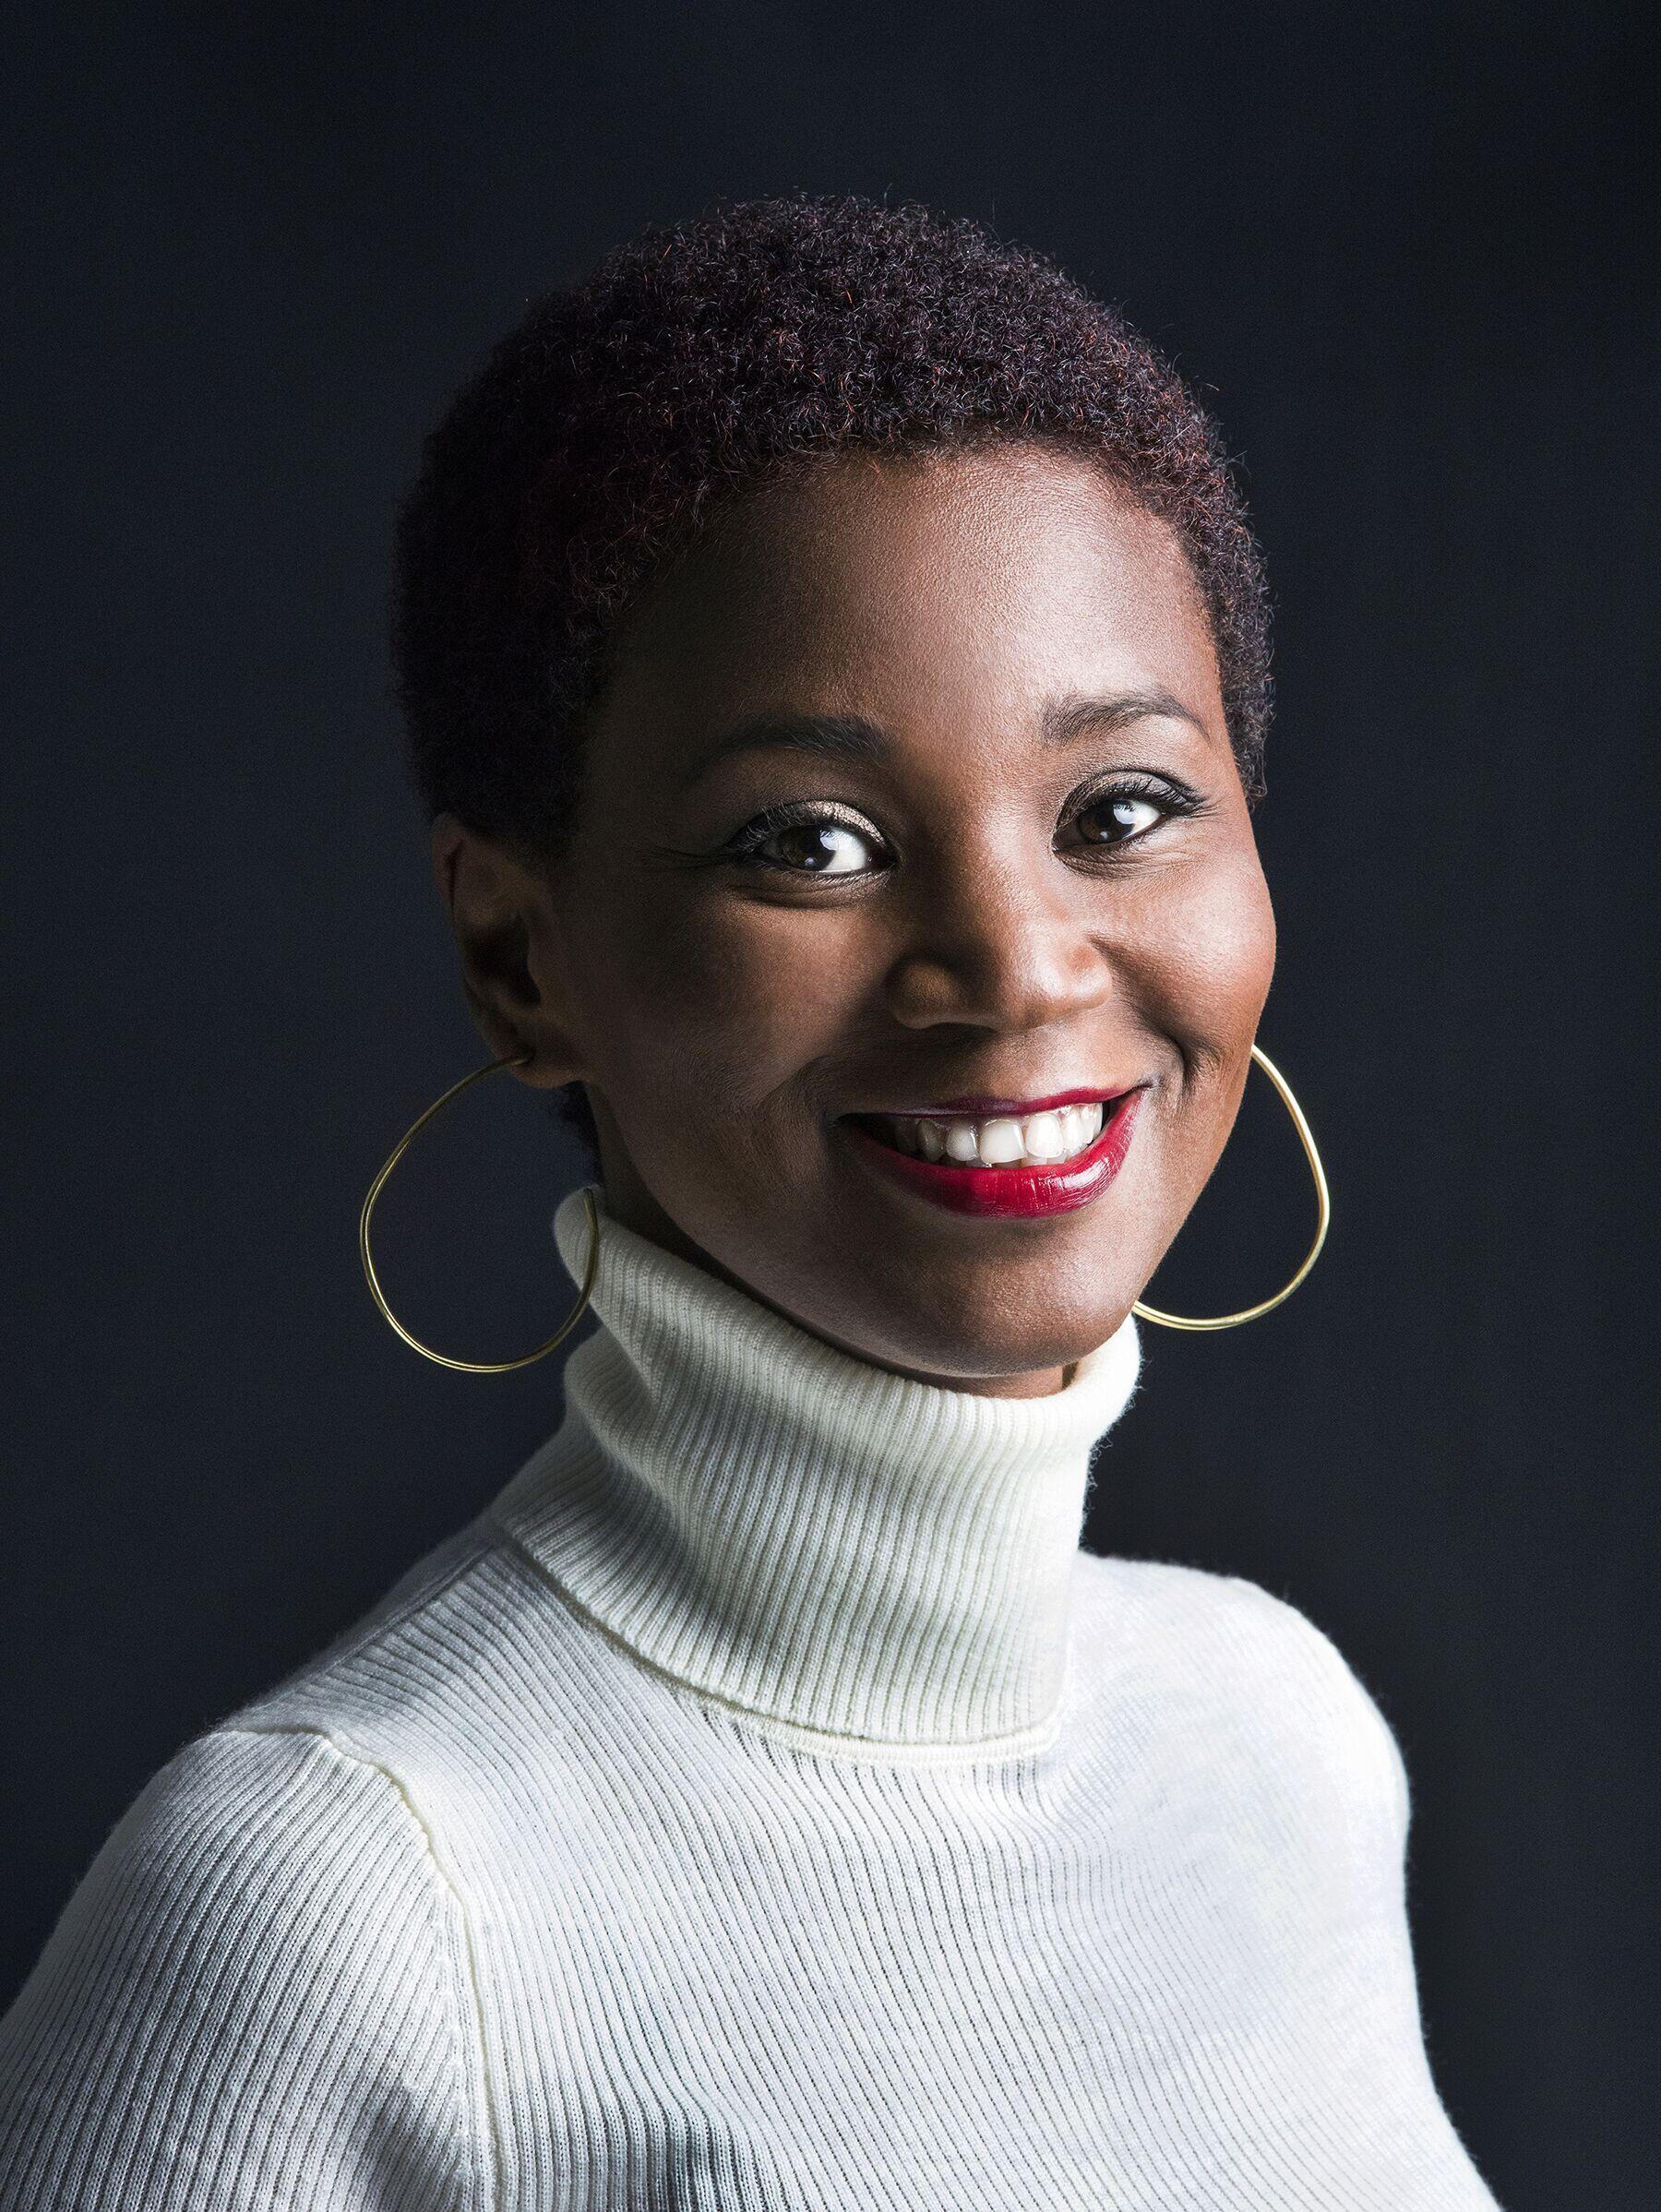 Portrait de l'artiste ivoirienne Joana Choumali, prix Pictet 2019 pour sa série « Ça va aller ».